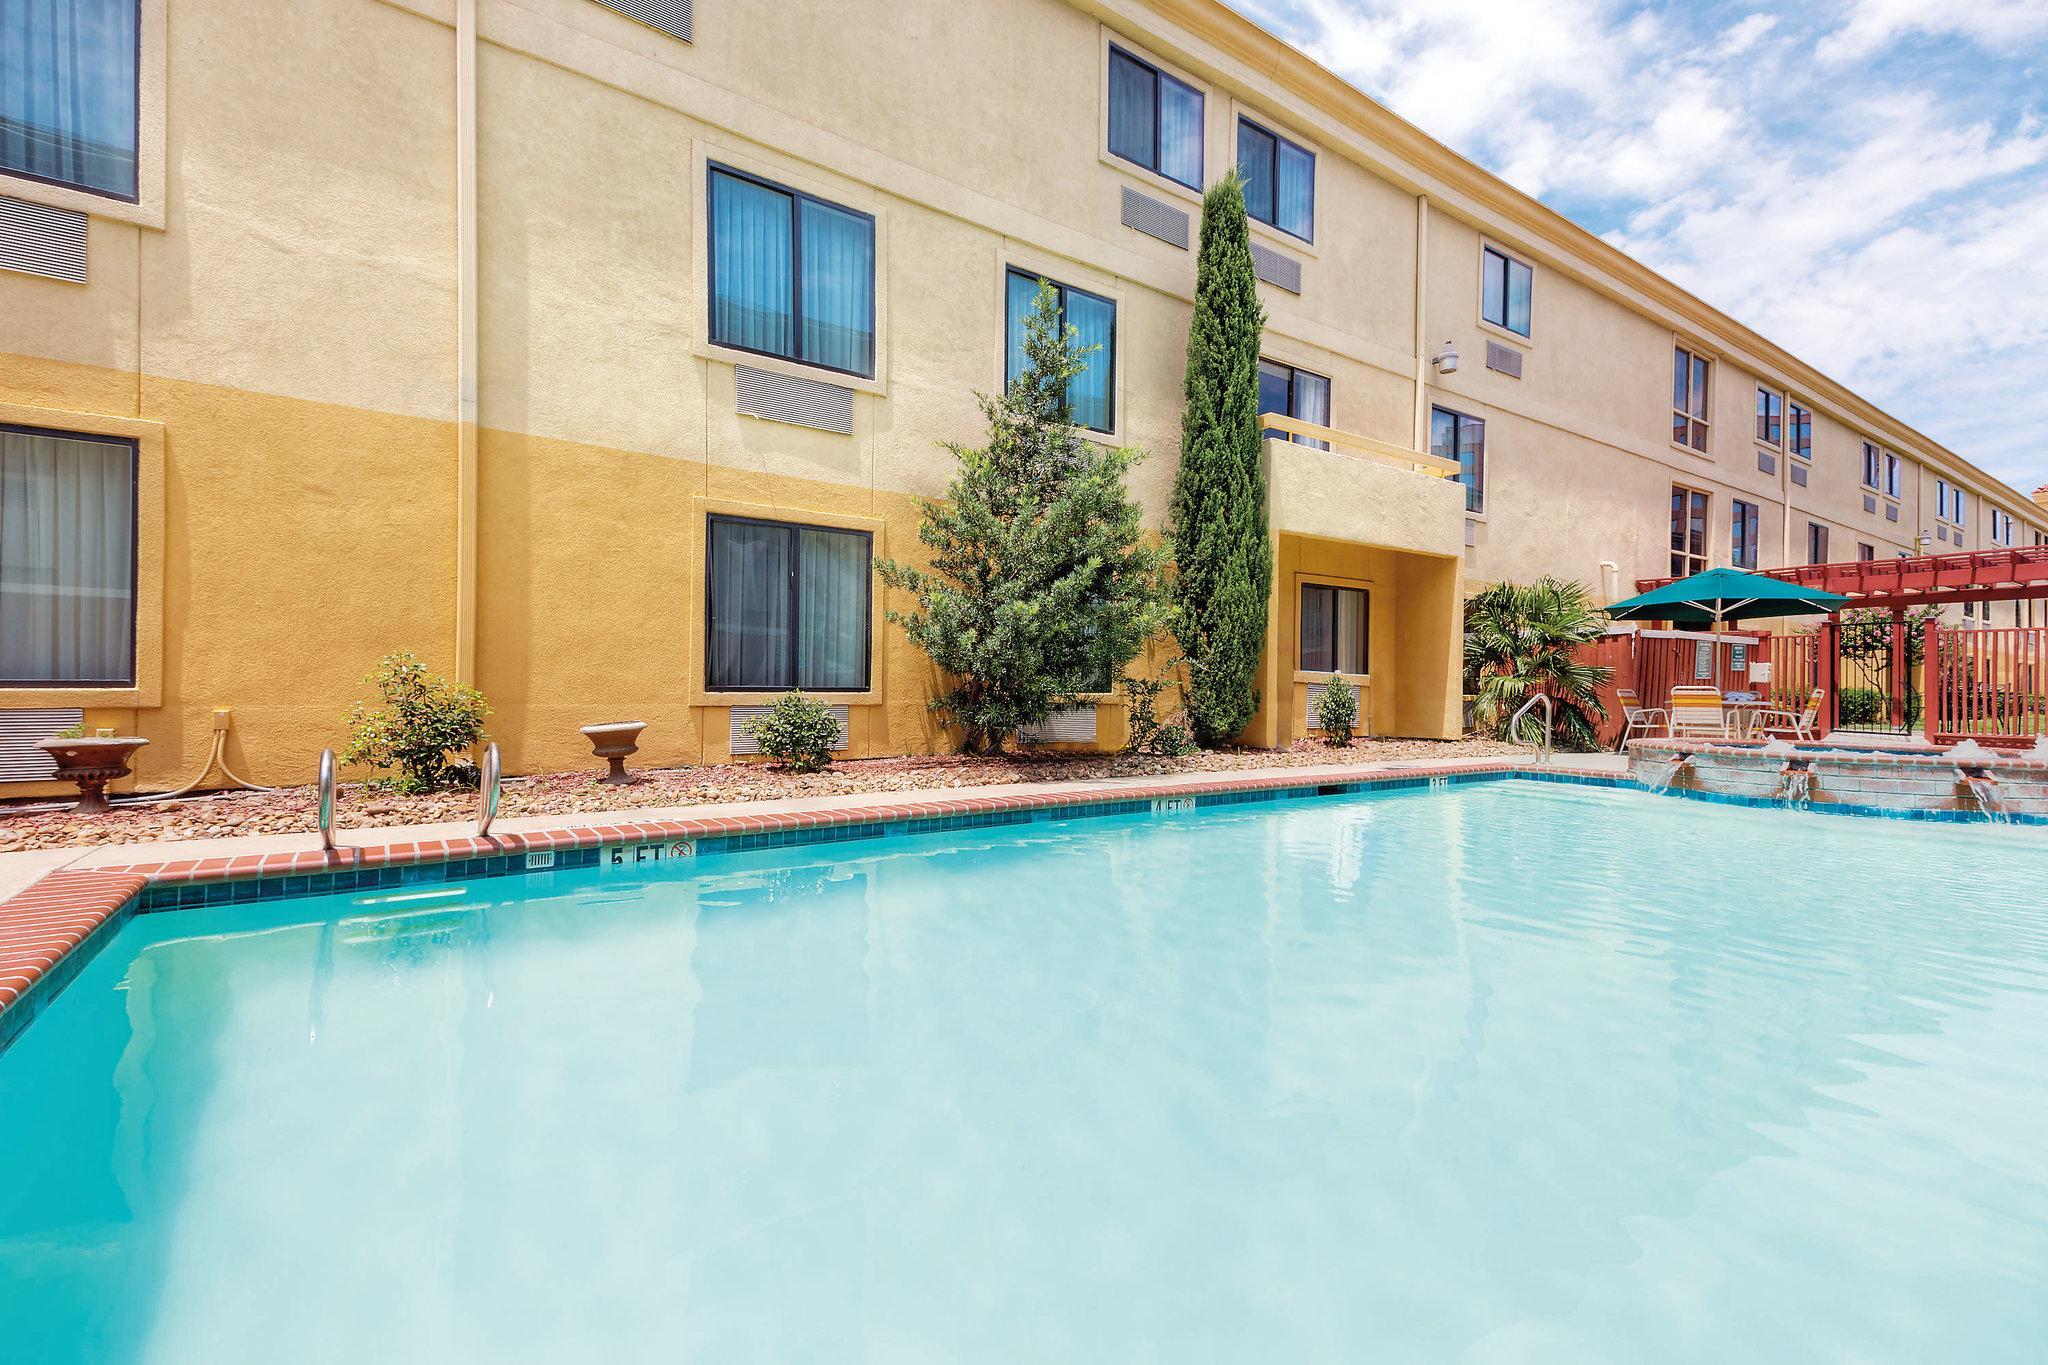 La Quinta Inn Dallas LBJ/Central